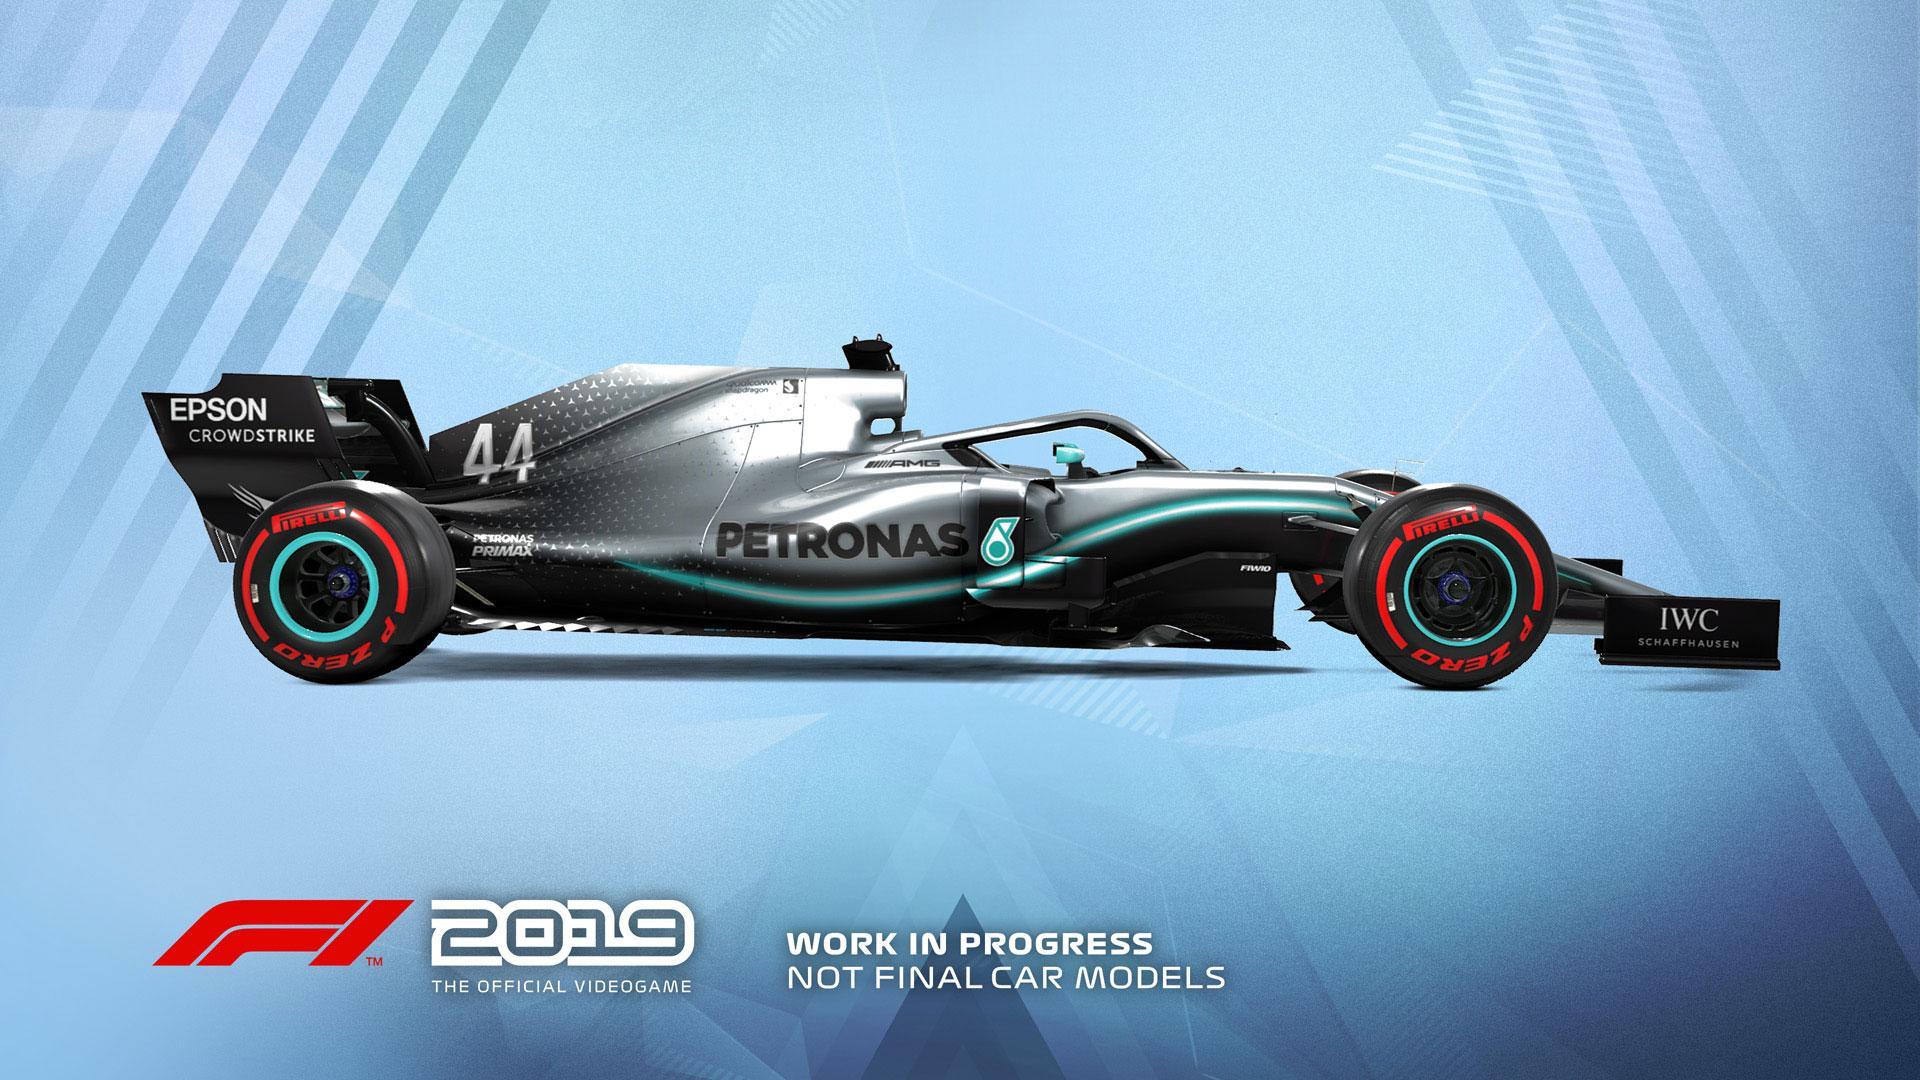 F1 Mercedes 2019 Wallpaper